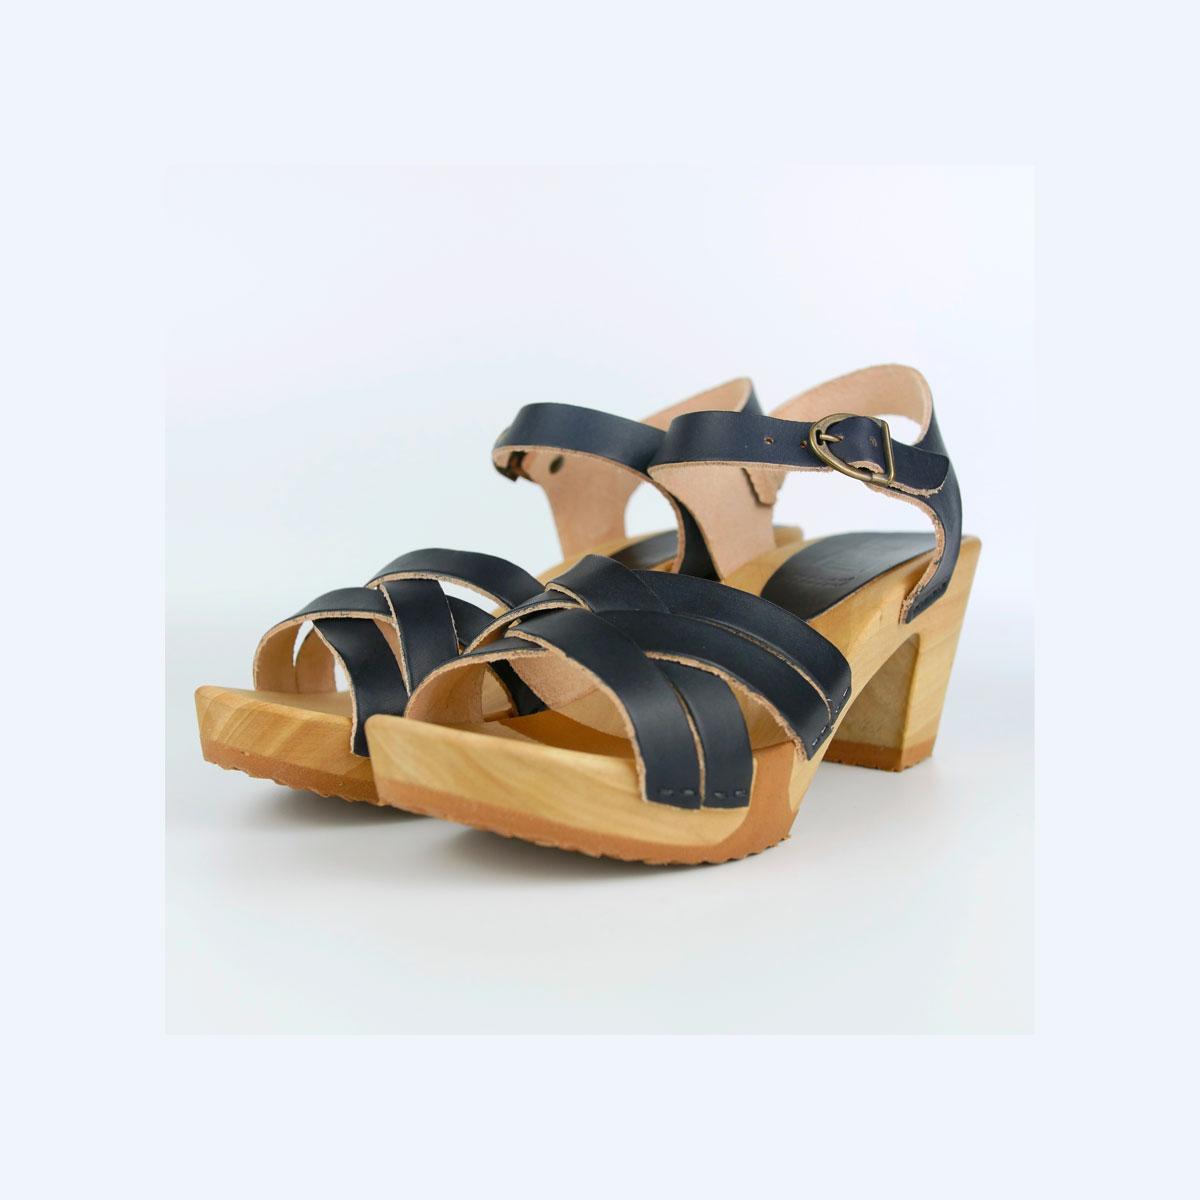 Sandales sur semelle bois flexi CUIR B.VEGETAL navy